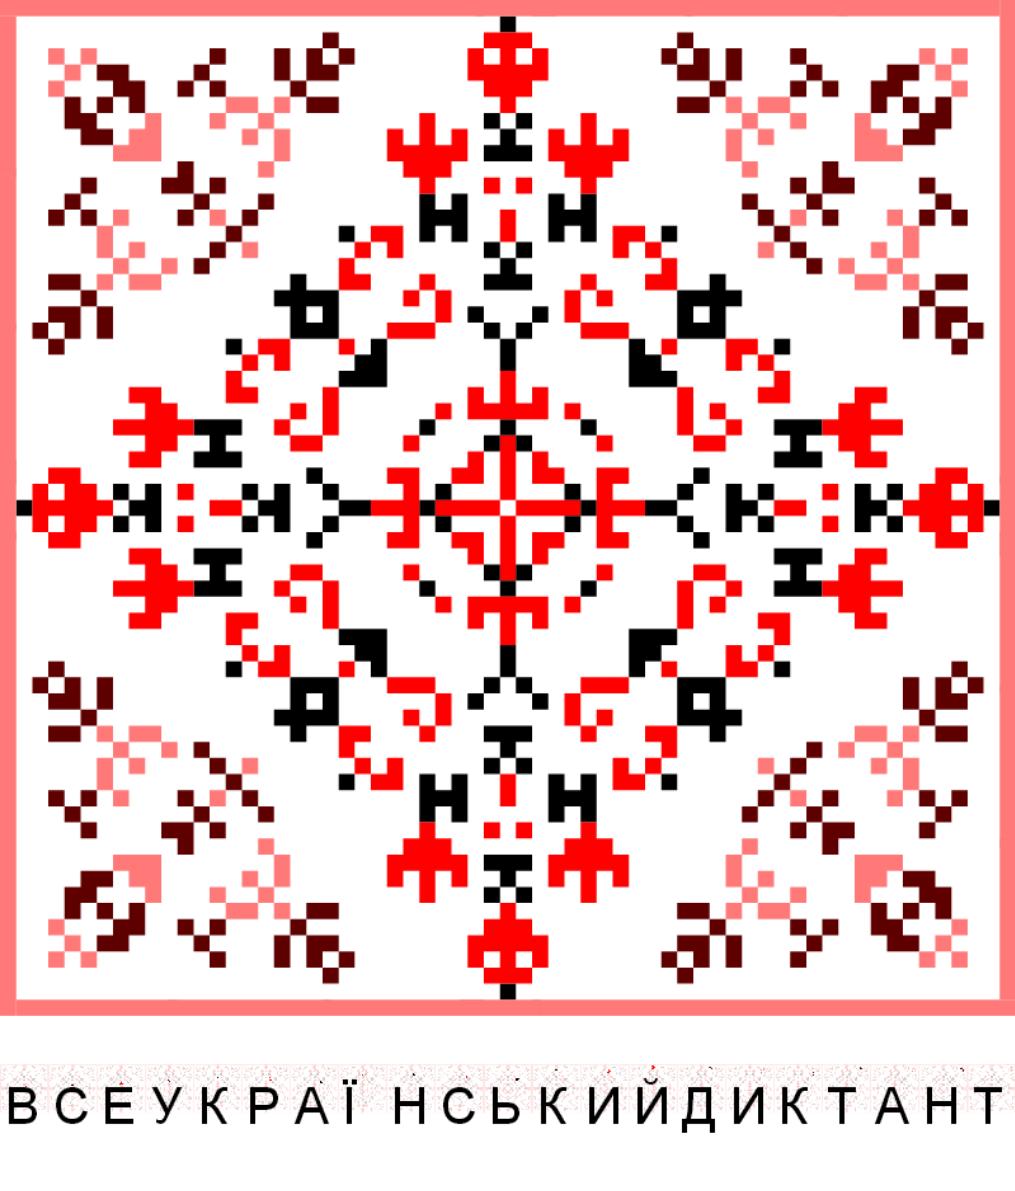 Текстовий слов'янський орнамент: Всеукраїнський диктант